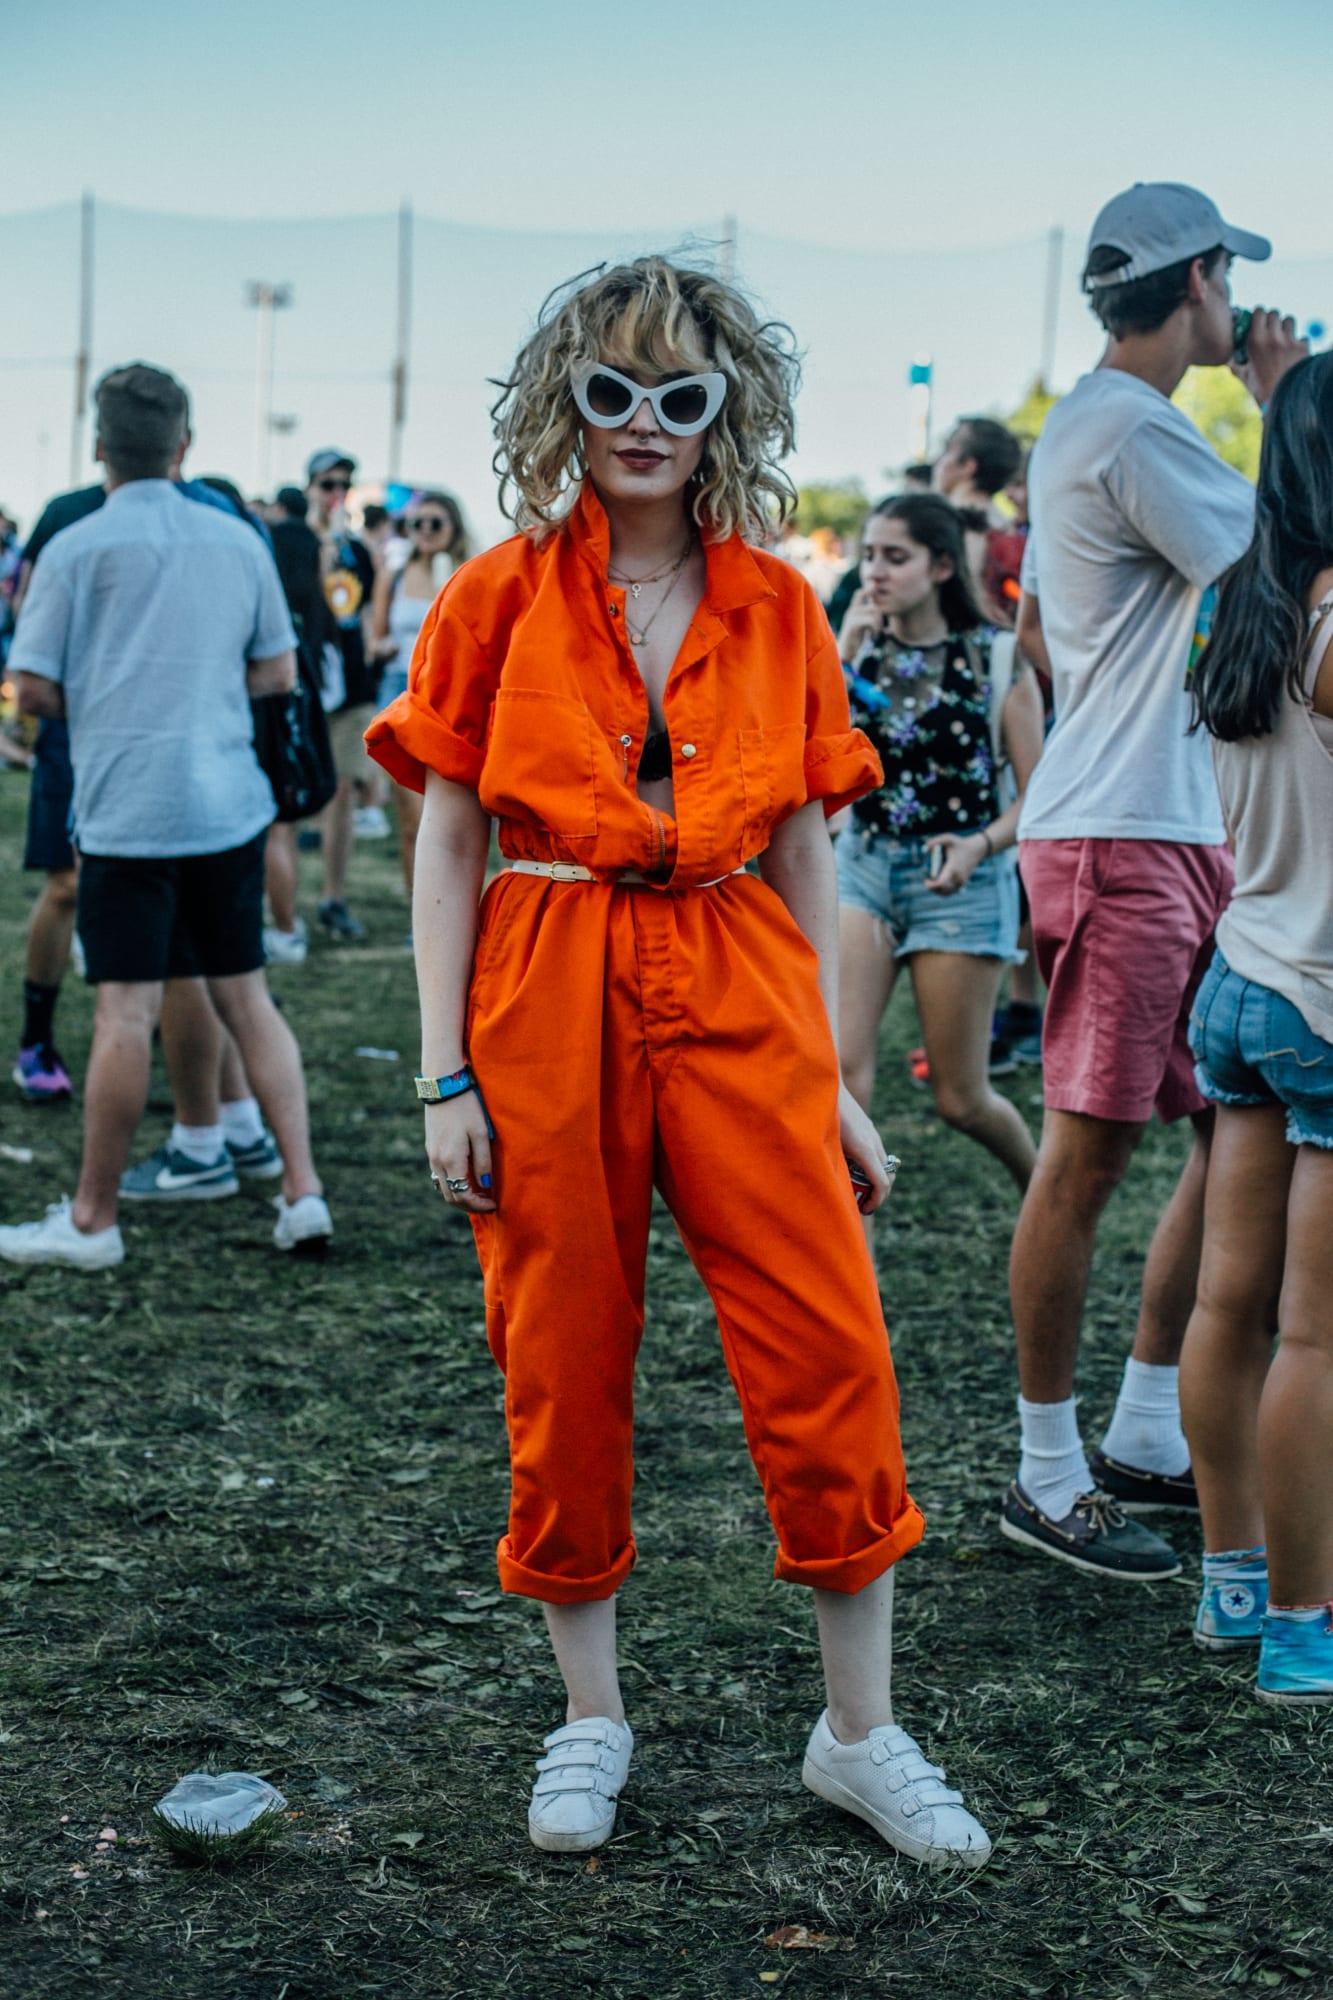 мода_фестивали